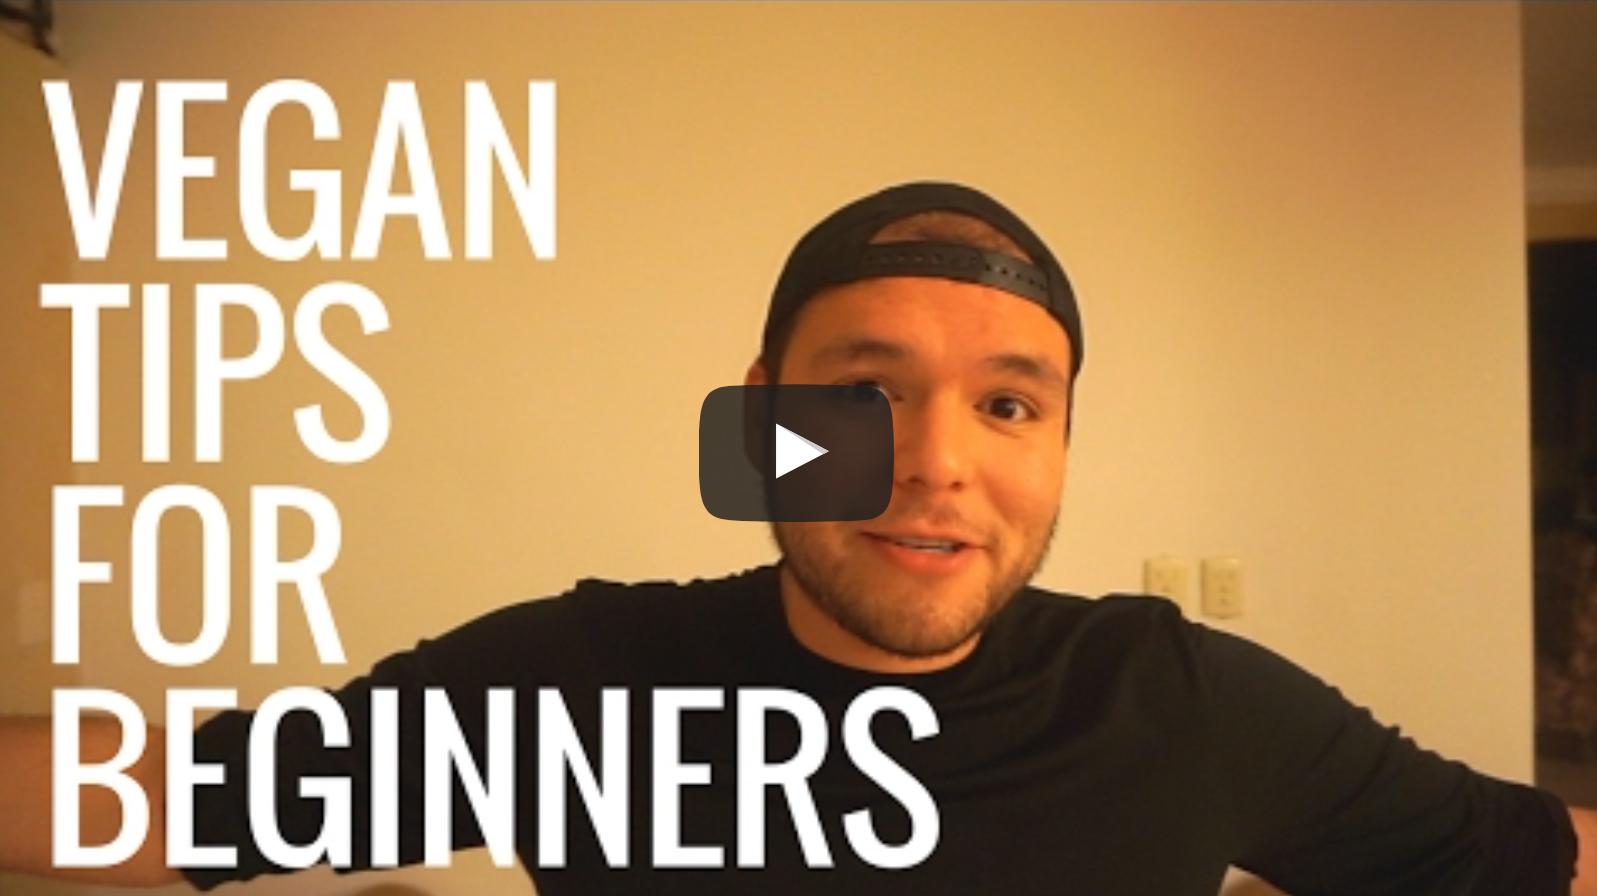 MY 8 TIPS FOR VEGAN BEGINNERS | Neto Vlog 4 | VeganFlix